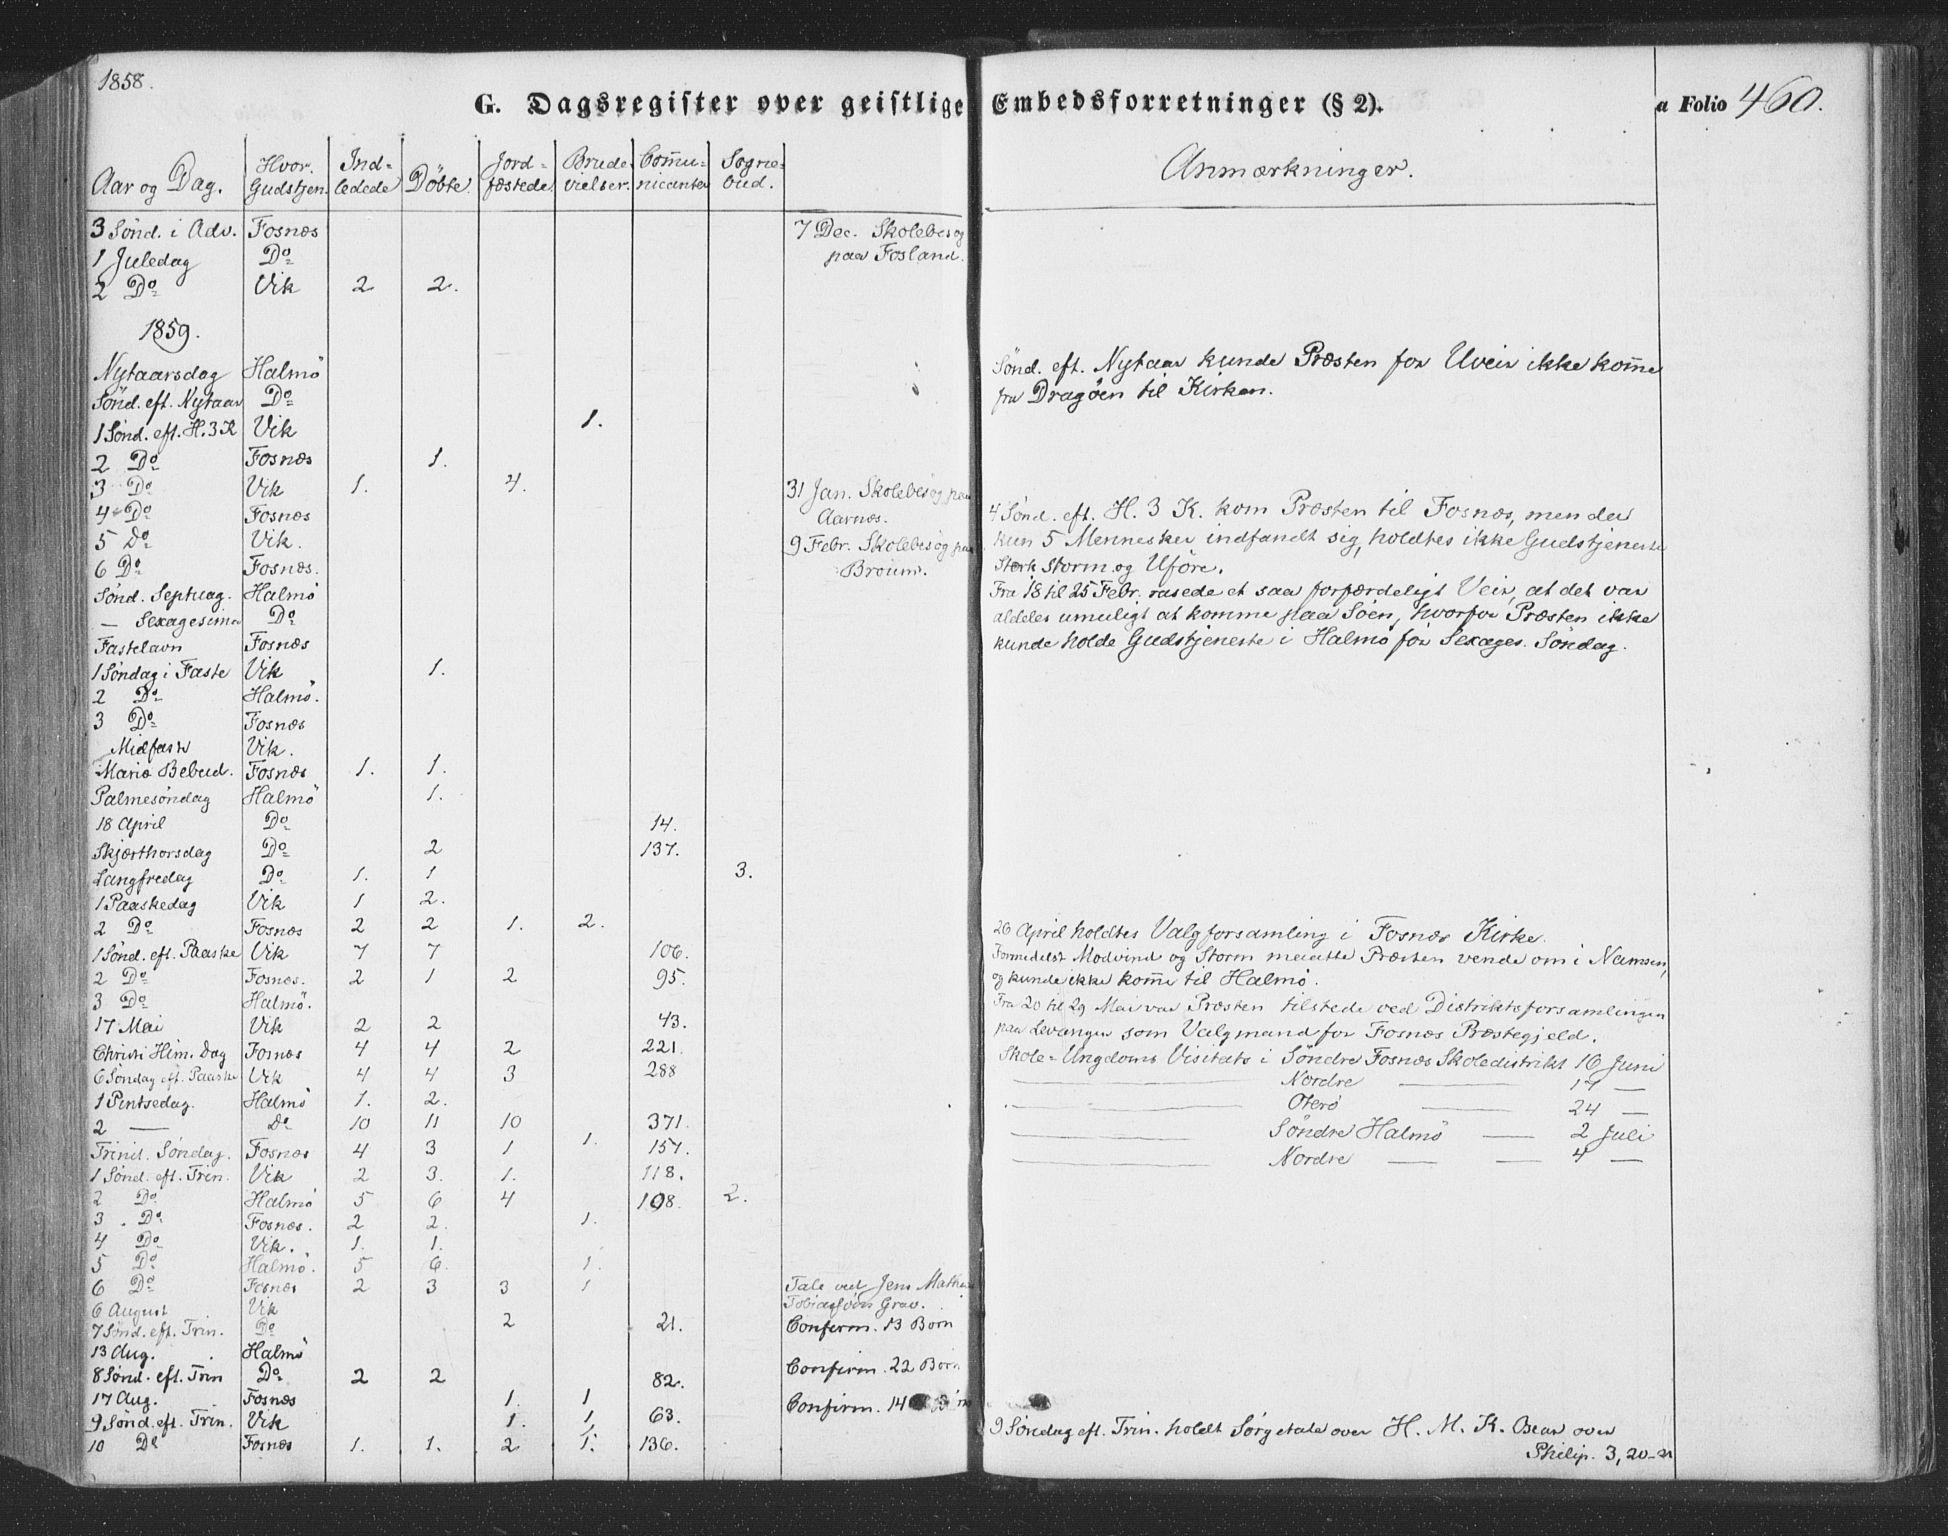 SAT, Ministerialprotokoller, klokkerbøker og fødselsregistre - Nord-Trøndelag, 773/L0615: Ministerialbok nr. 773A06, 1857-1870, s. 460